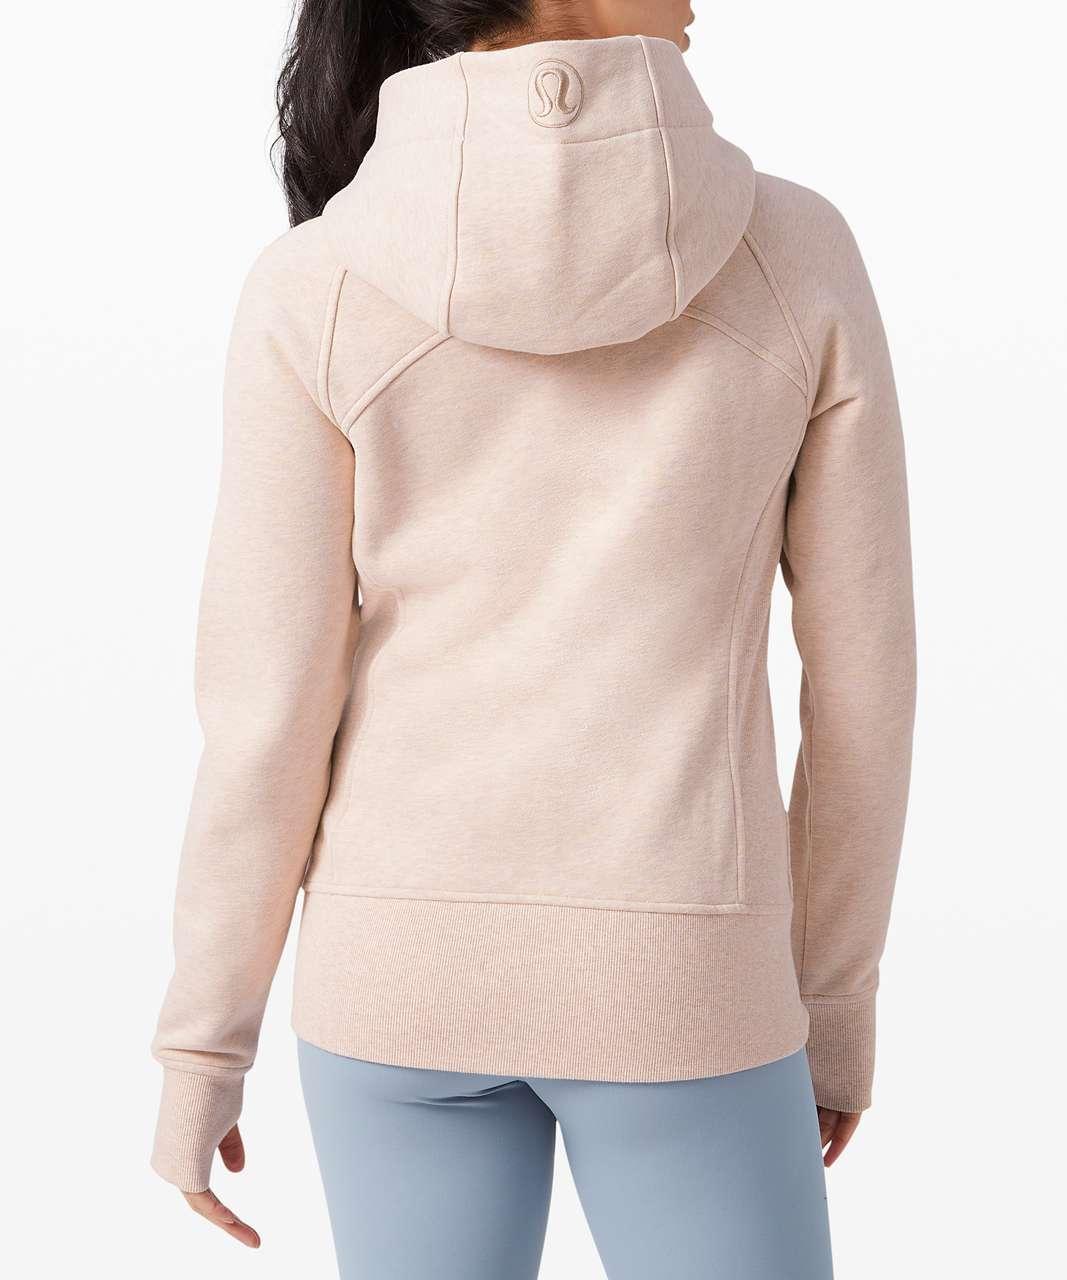 Lululemon Scuba Hoodie *Light Cotton Fleece - Heathered Misty Pink